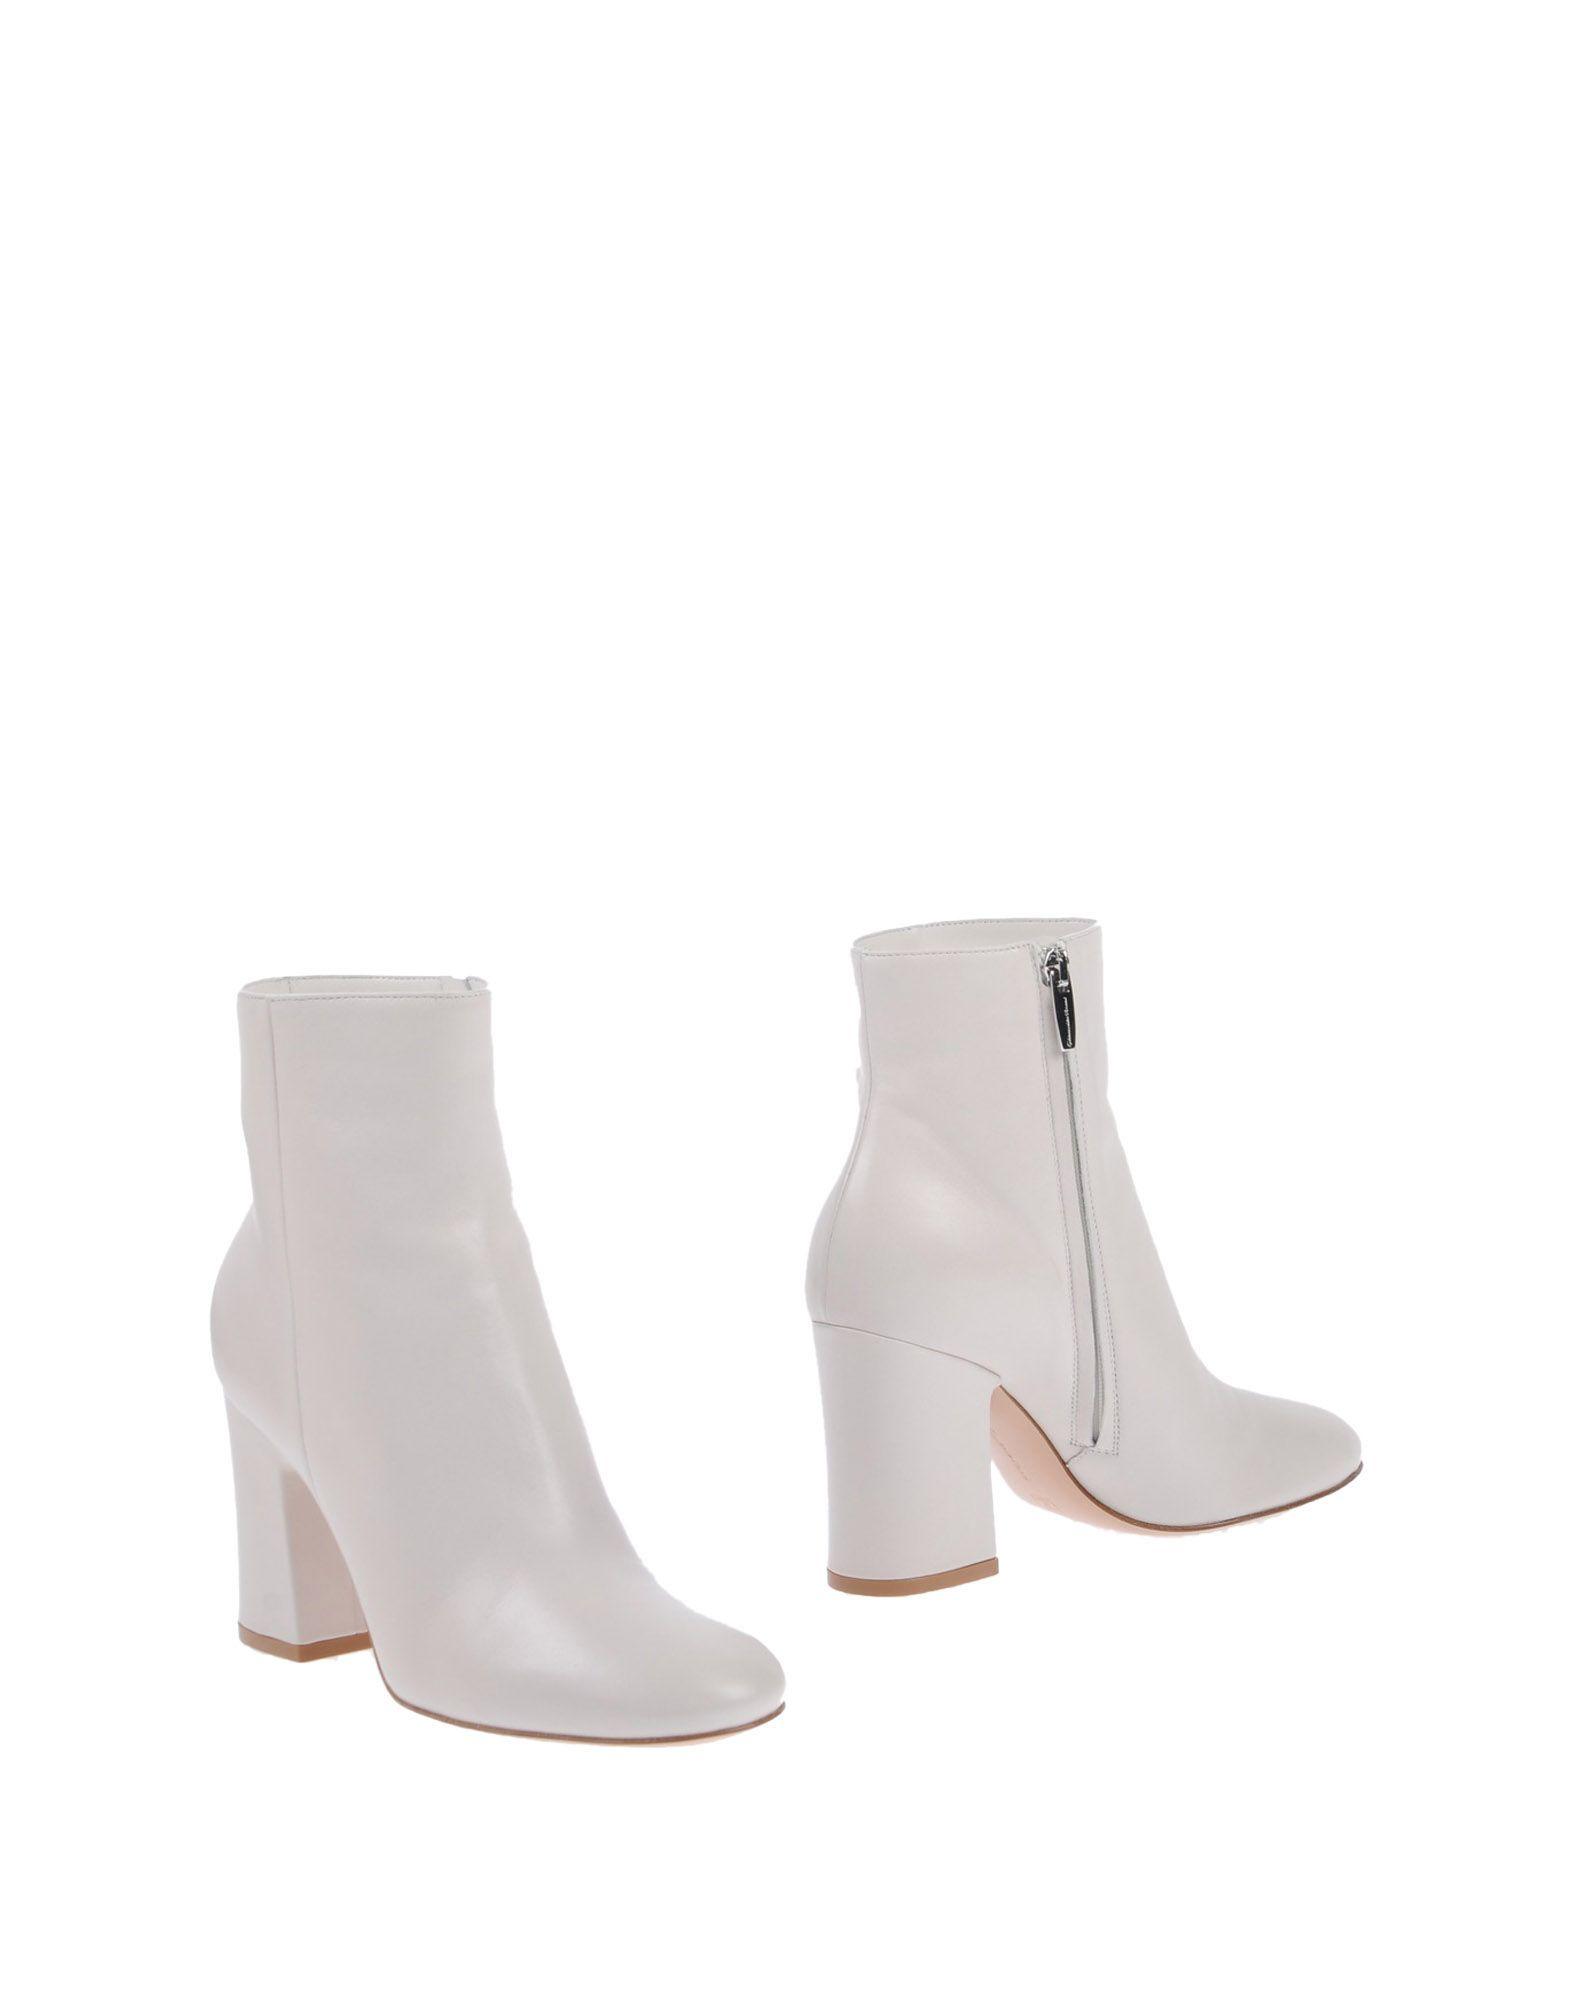 Gianvito Rossi Stiefelette Damen  11487312KCGünstige gut aussehende Schuhe